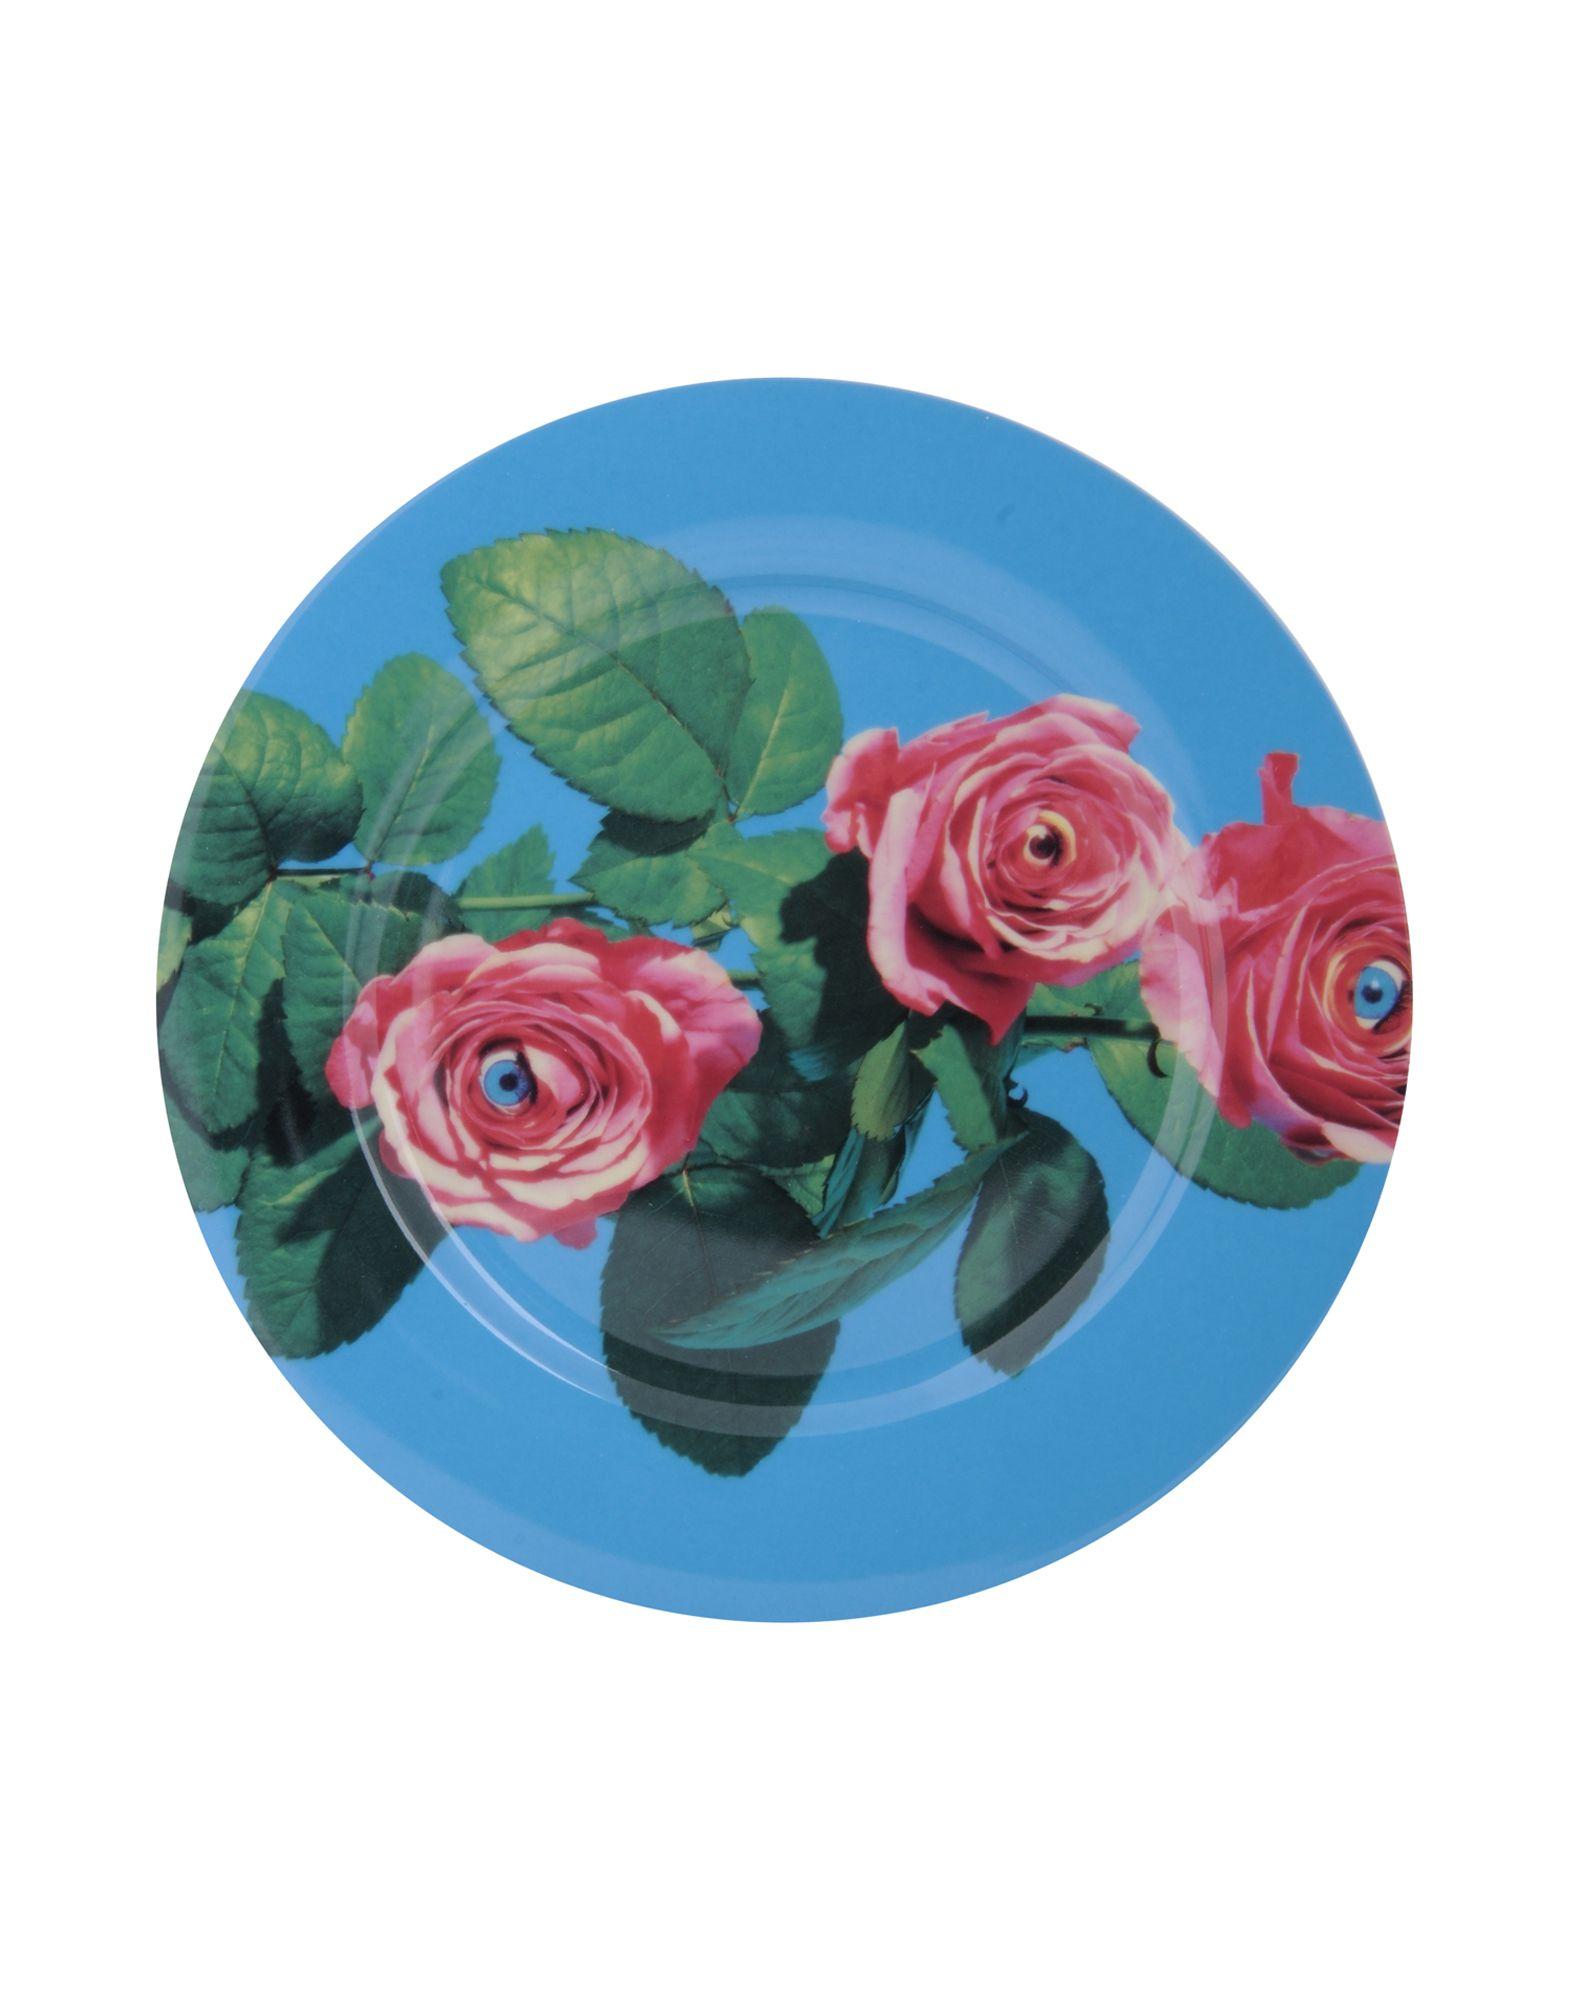 SELETTI WEARS TOILETPAPER Декоративная тарелка seletti wears toiletpaper декоративная тарелка